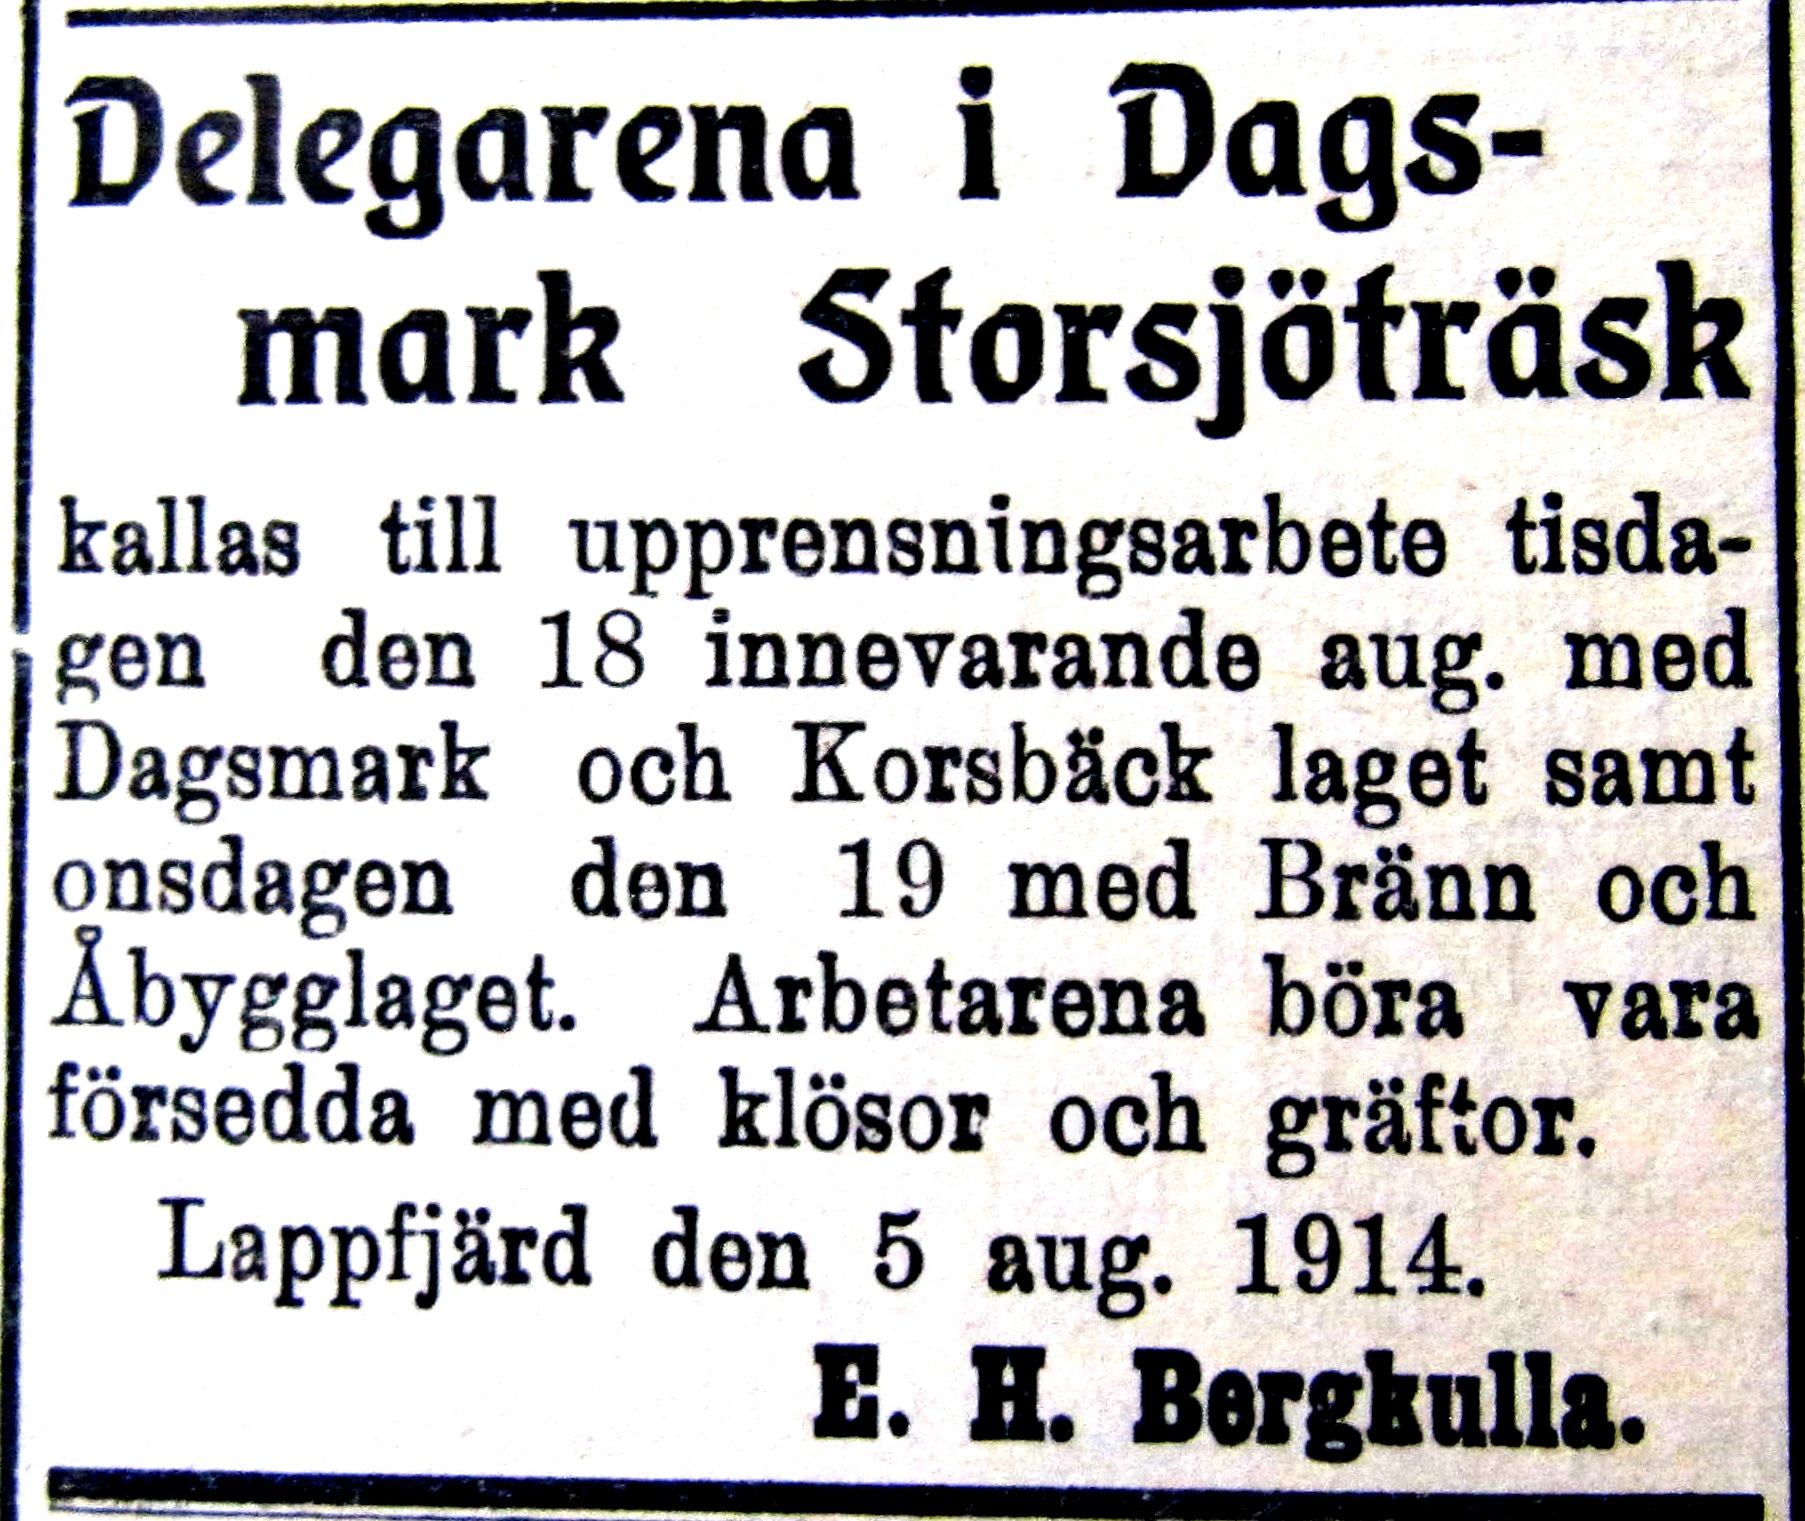 Dagsmark Storsjöträsk var ju uppdelat i 80 lotter och ägarna fanns i Korsbäck, Dagsmark och i Lappfjärd. En del ägare var från grannbyn Kärjenkoski på Storåsidan och några var till och med från Bötom. Träsket skulle ju också skötas och delägarna var uppdelade i arbetslag, som skulle utföra vissa saker. Här kallar ordföranden Henrik Bergkulla olika lag till upprensningsarbete i Syd-Österbotten år 1914.